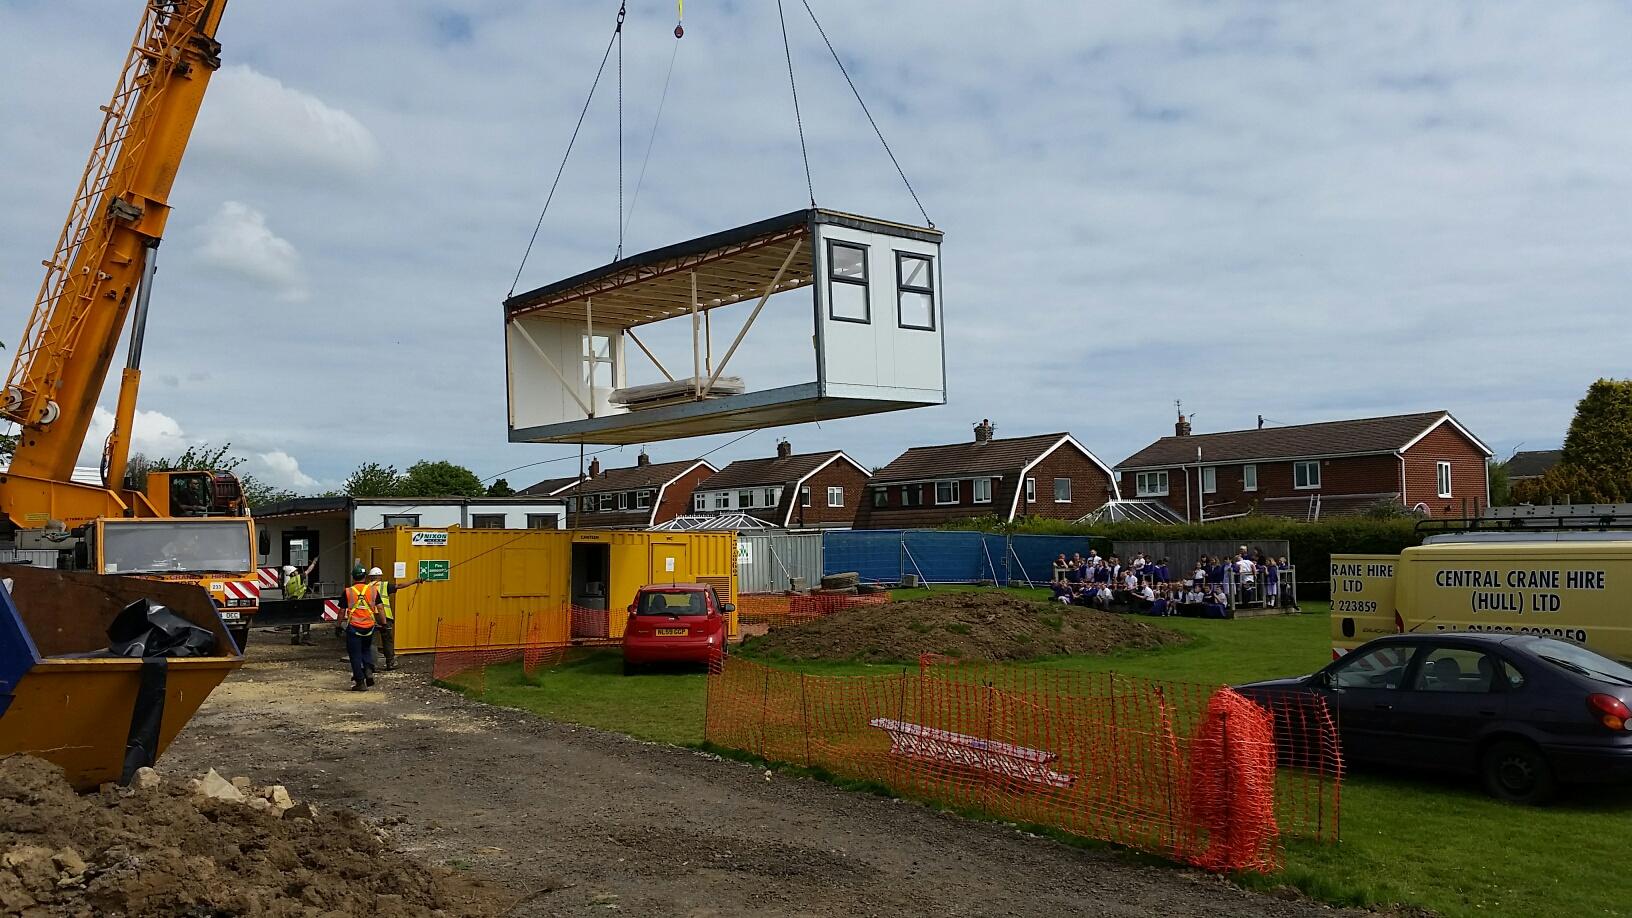 Ringway School